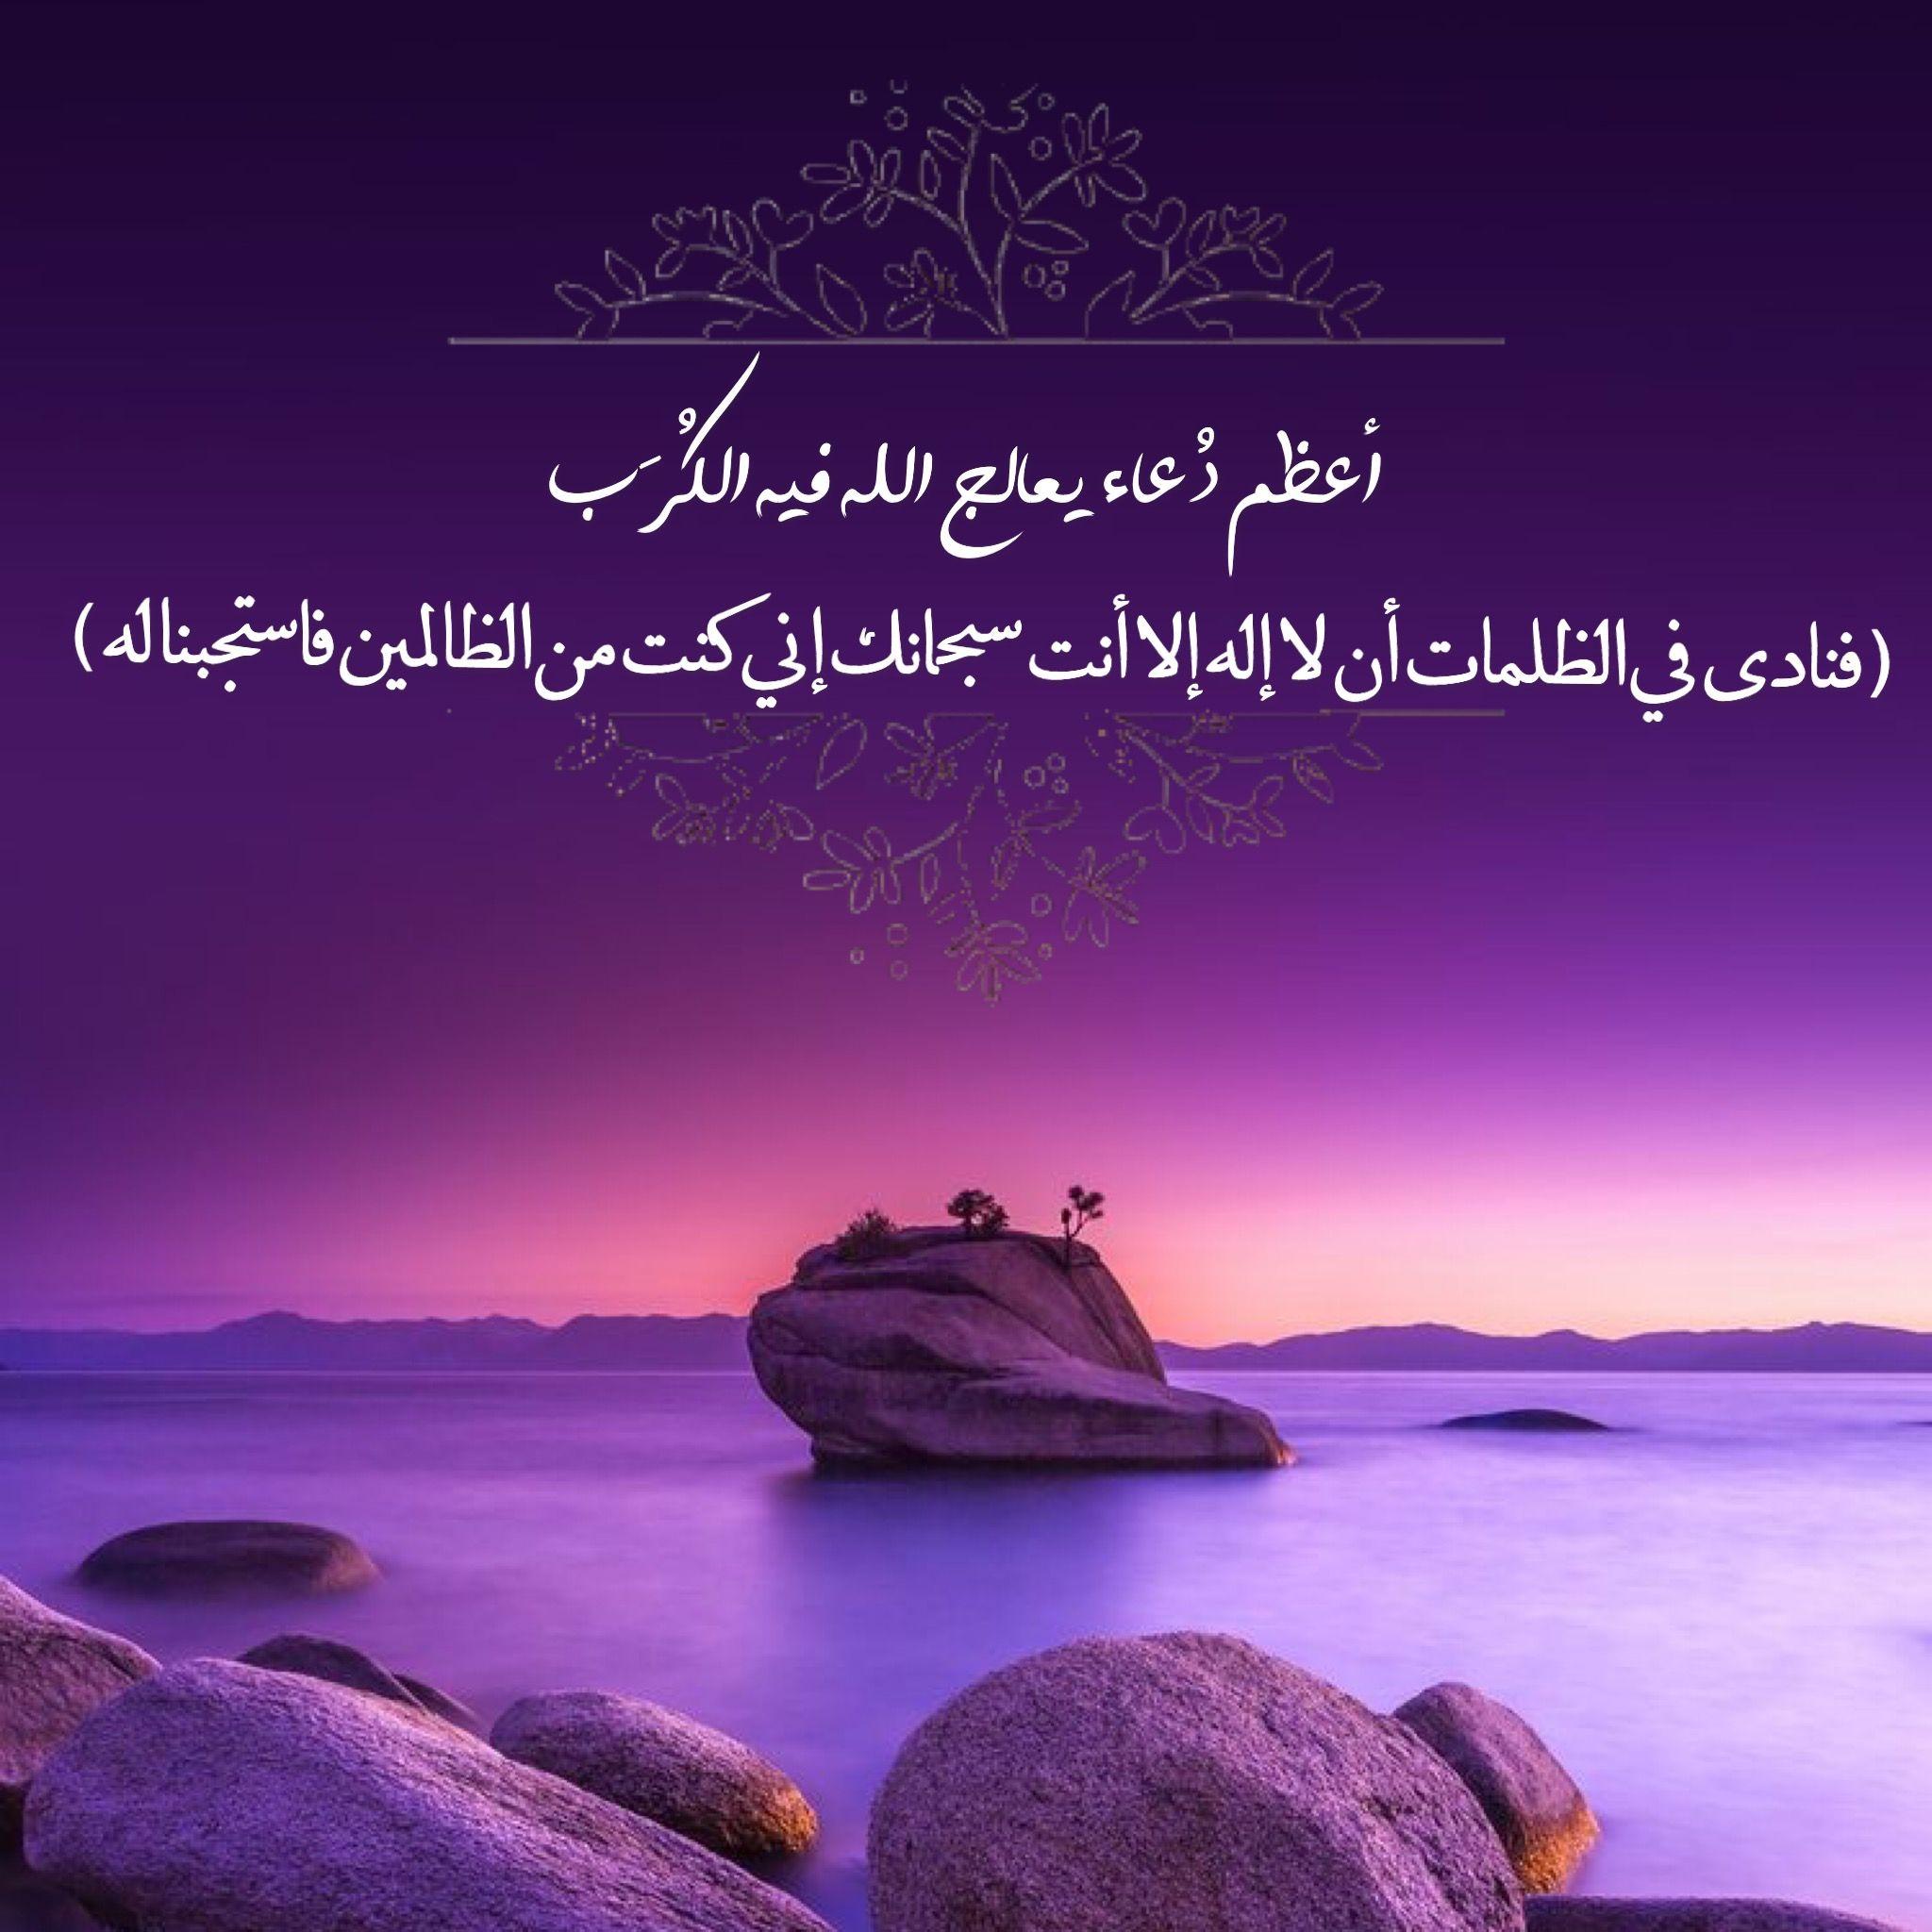 سبح الله Movie Posters Poster Screenshots